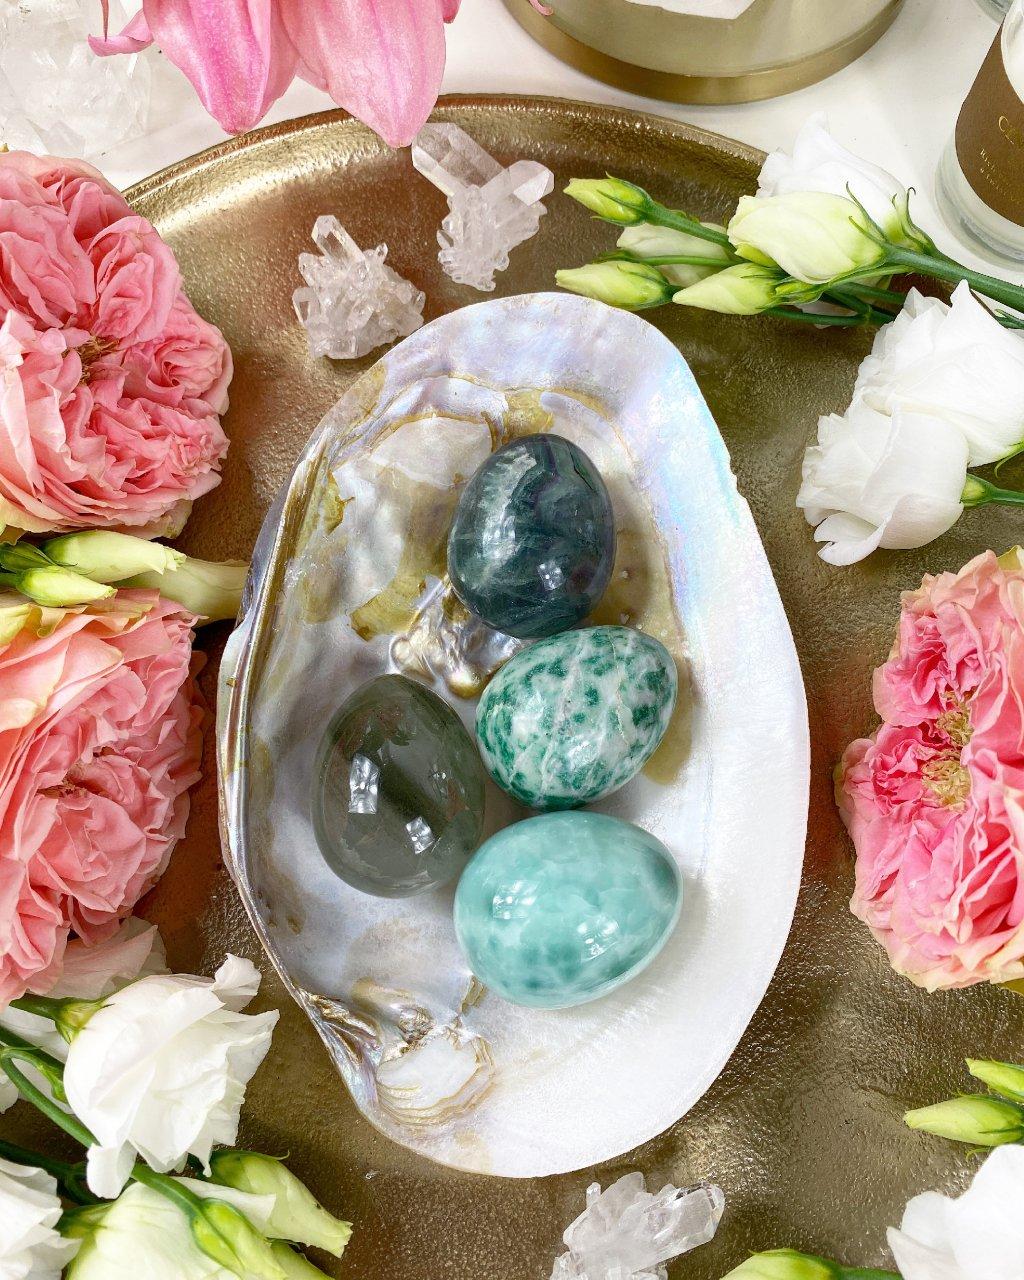 Yoni vajíčko z polodrahokamu jadeit quinghai